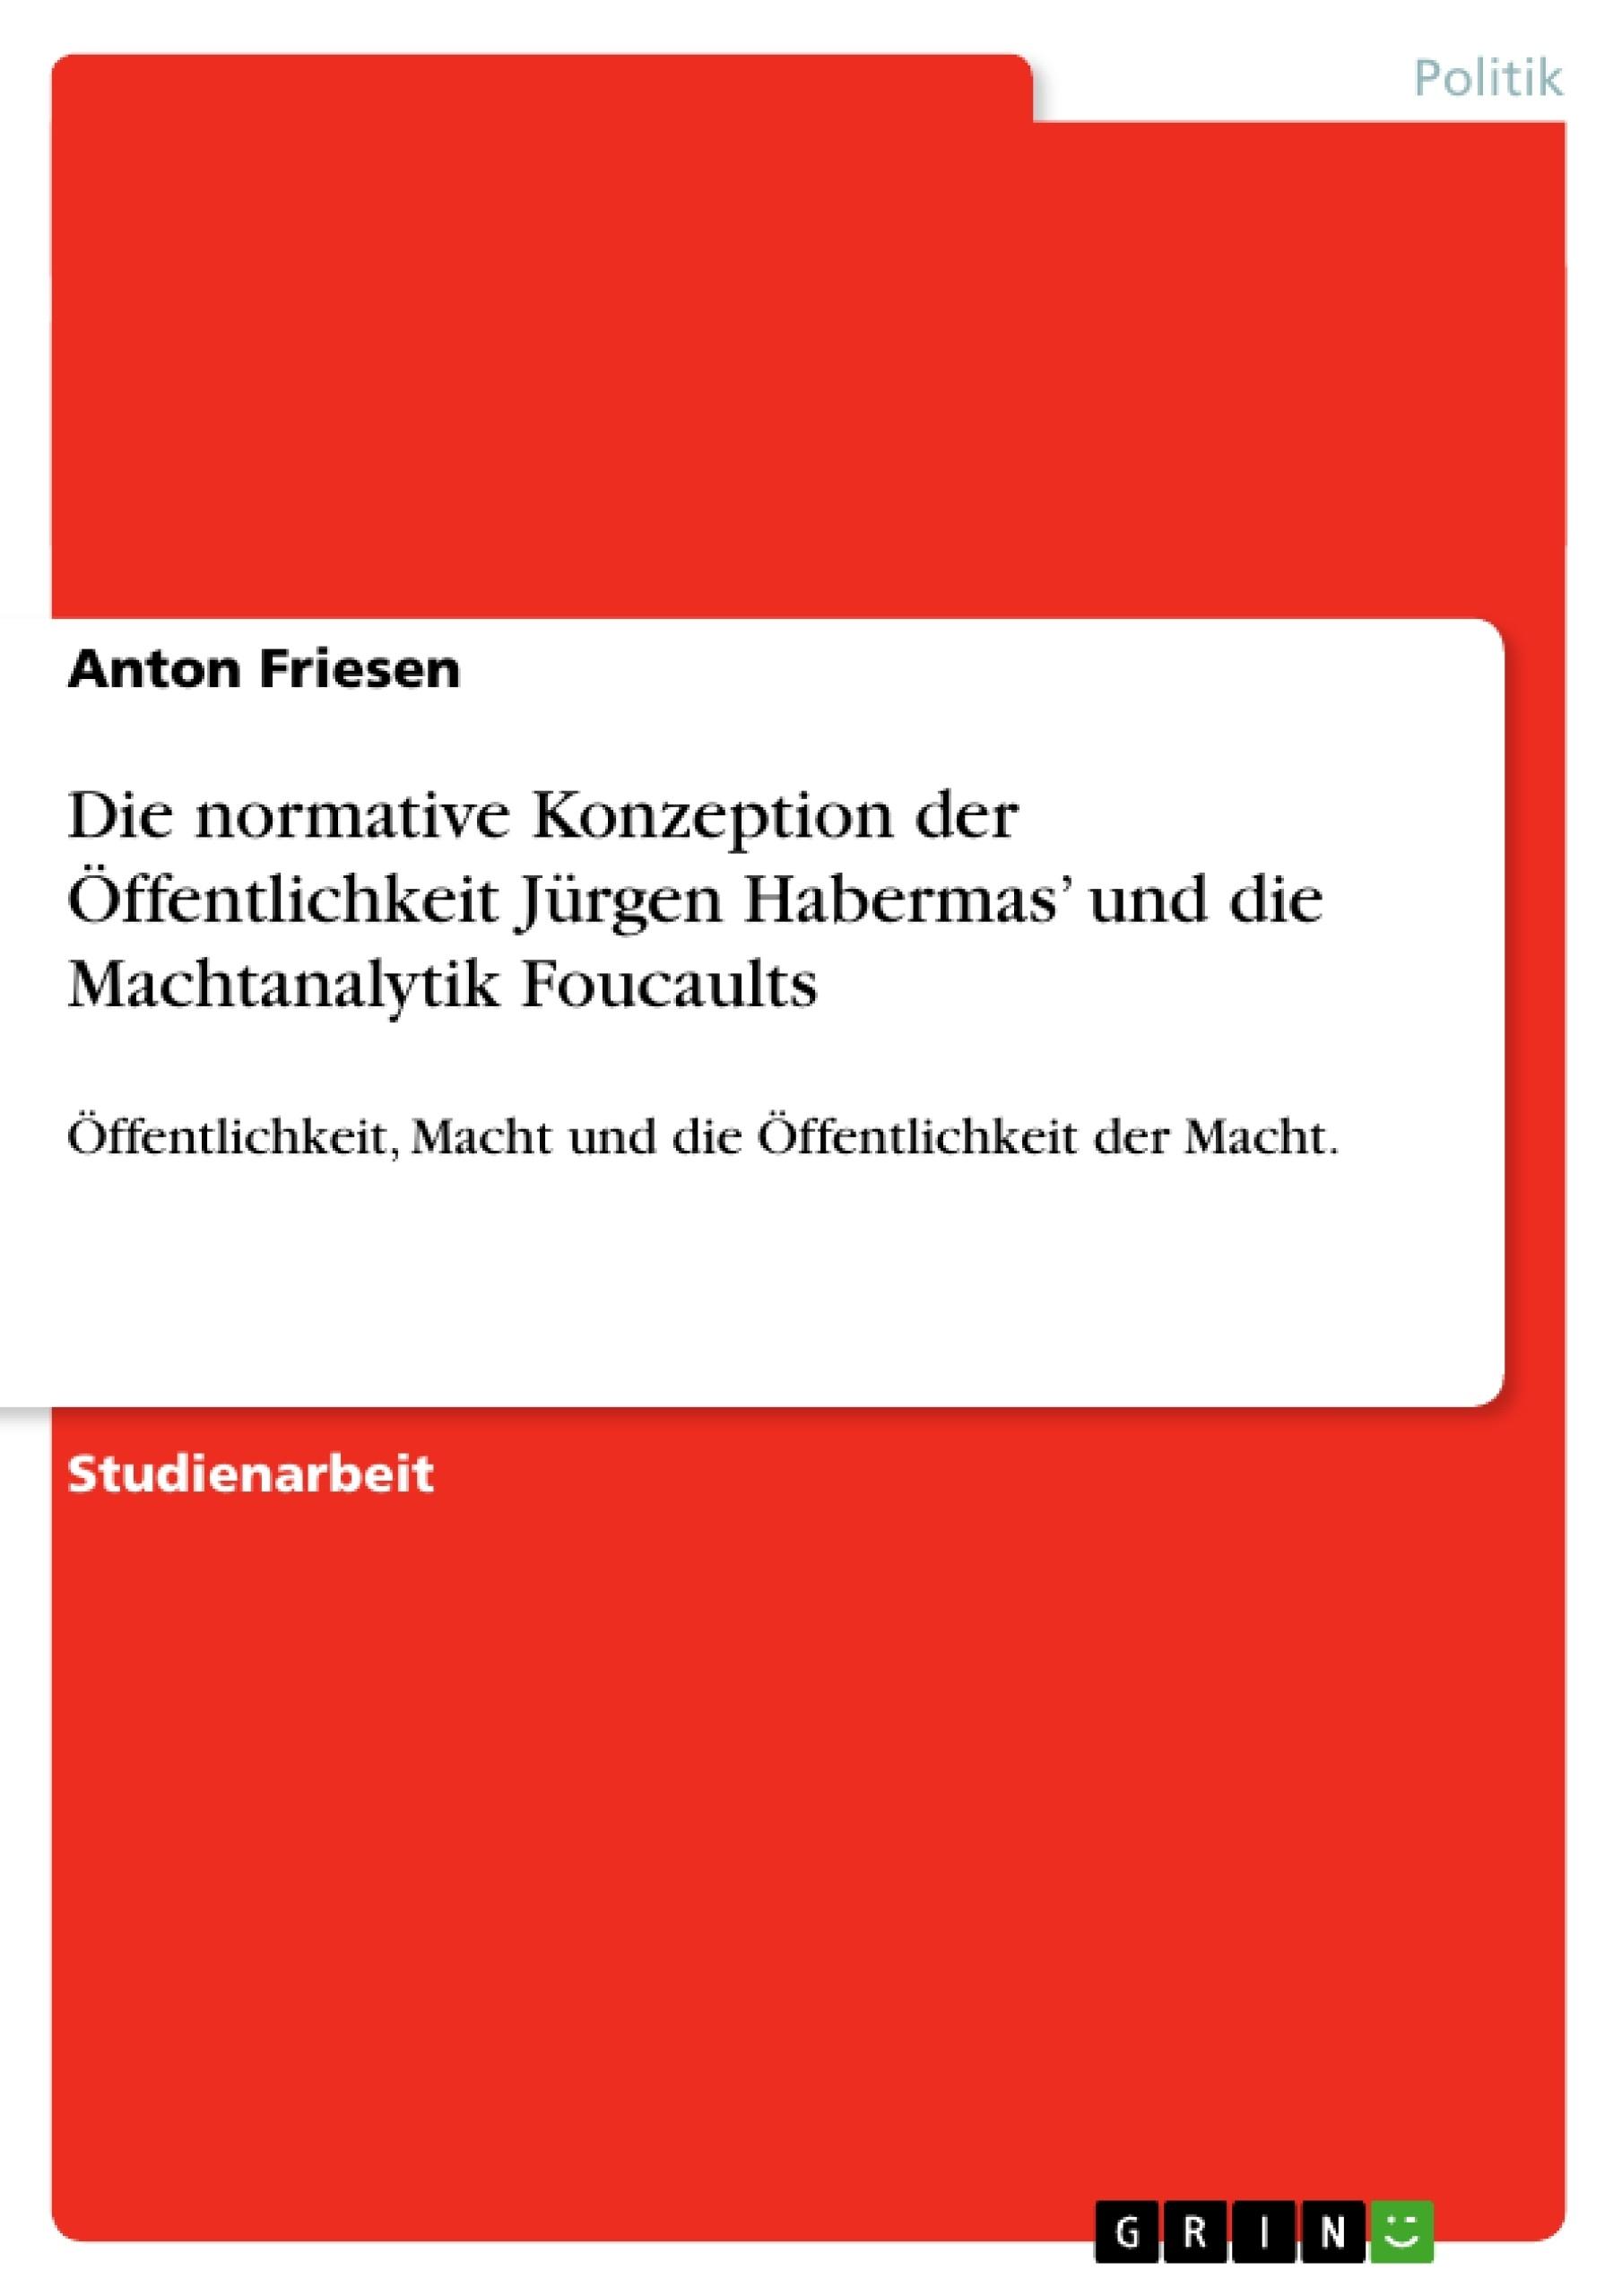 Titel: Die normative Konzeption der Öffentlichkeit  Jürgen Habermas' und die Machtanalytik Foucaults